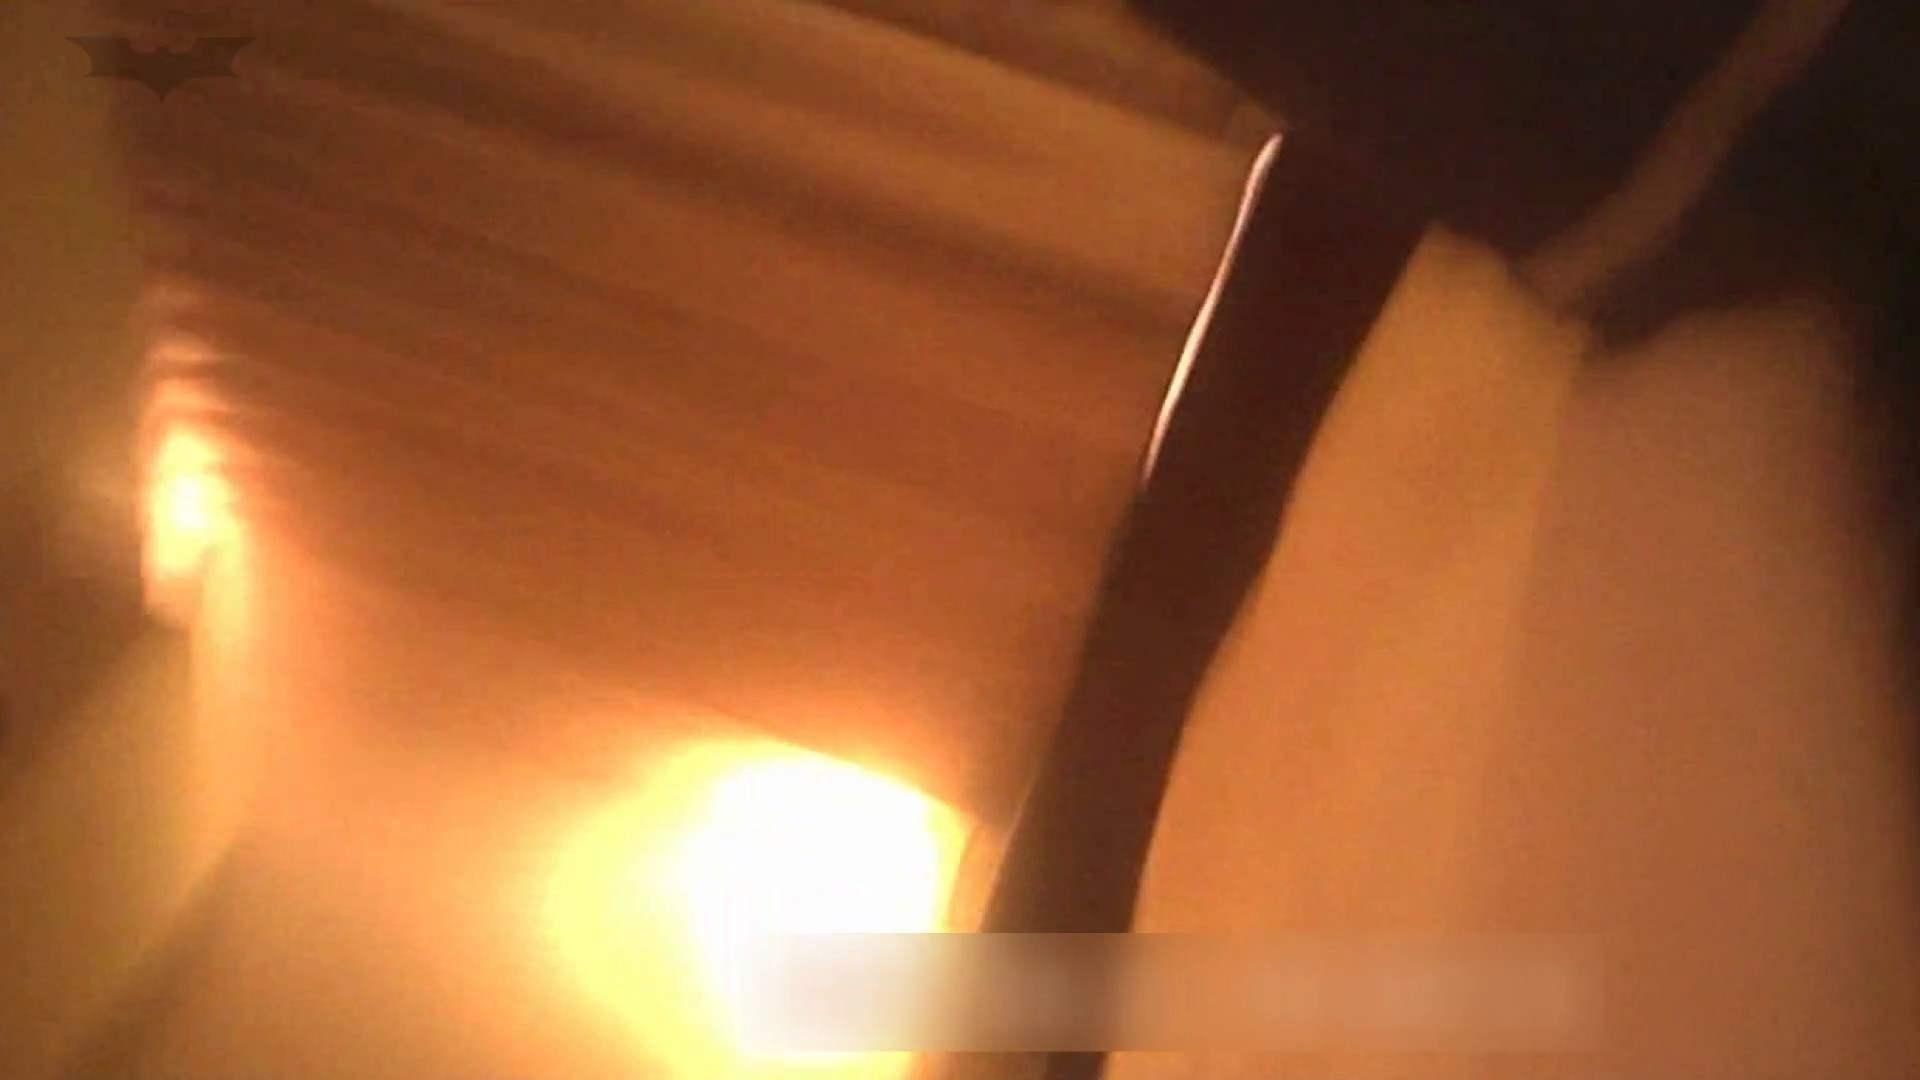 かわいいアニメ声で「イクっっ」 芸術大1年 か●ちゃん Vol.09 SEX編 高画質 アダルト動画キャプチャ 81画像 4